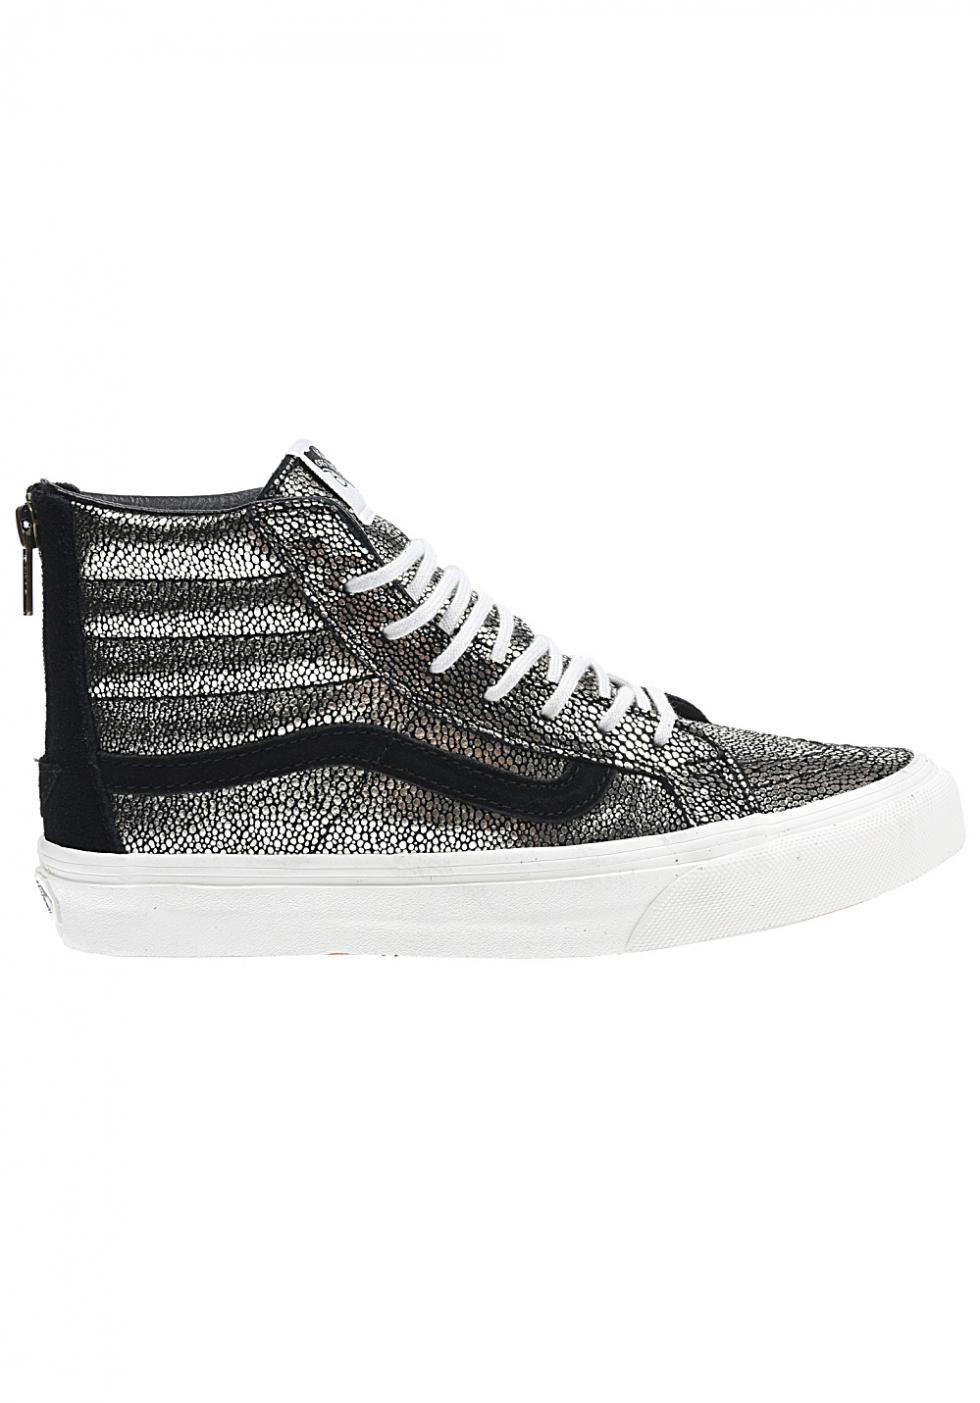 Easy Santefr Vans Sk8 Hi Slim Zip Or Gold Blanc De Sayings Sneakers True White